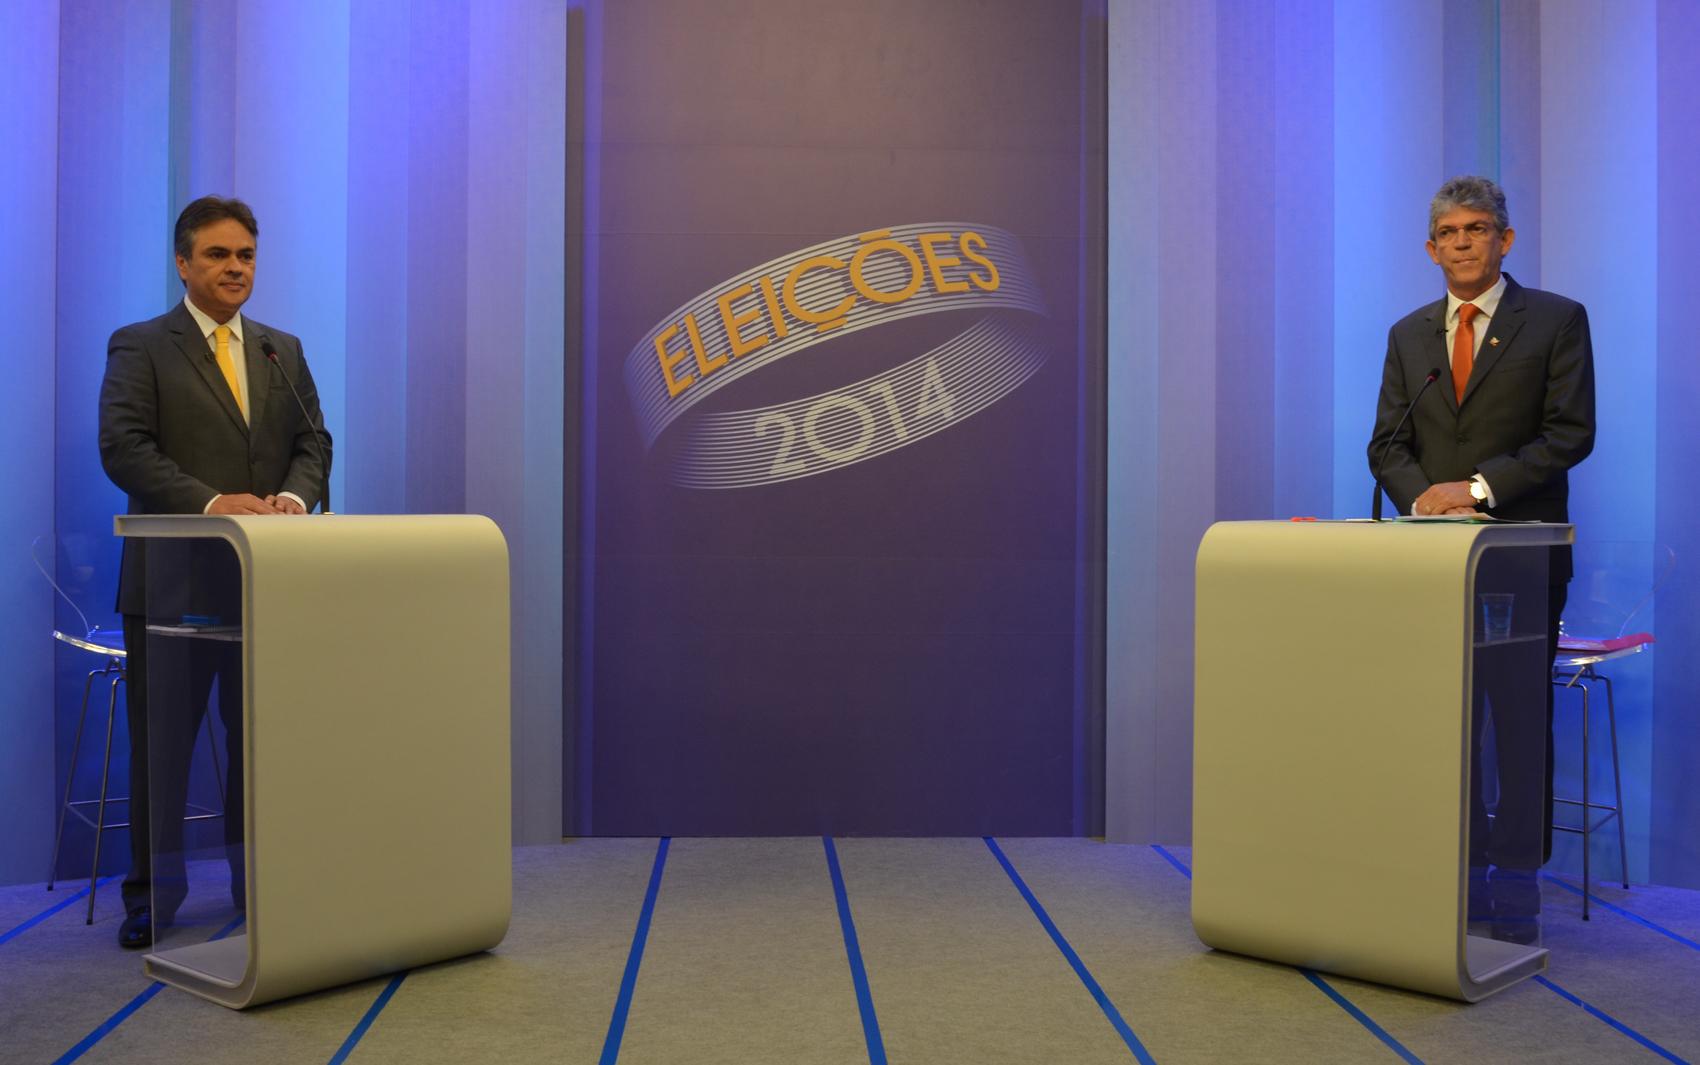 Candidatos ao governo da Paraíba já se encontram no estúdio da TV Cabo Branco para o debate